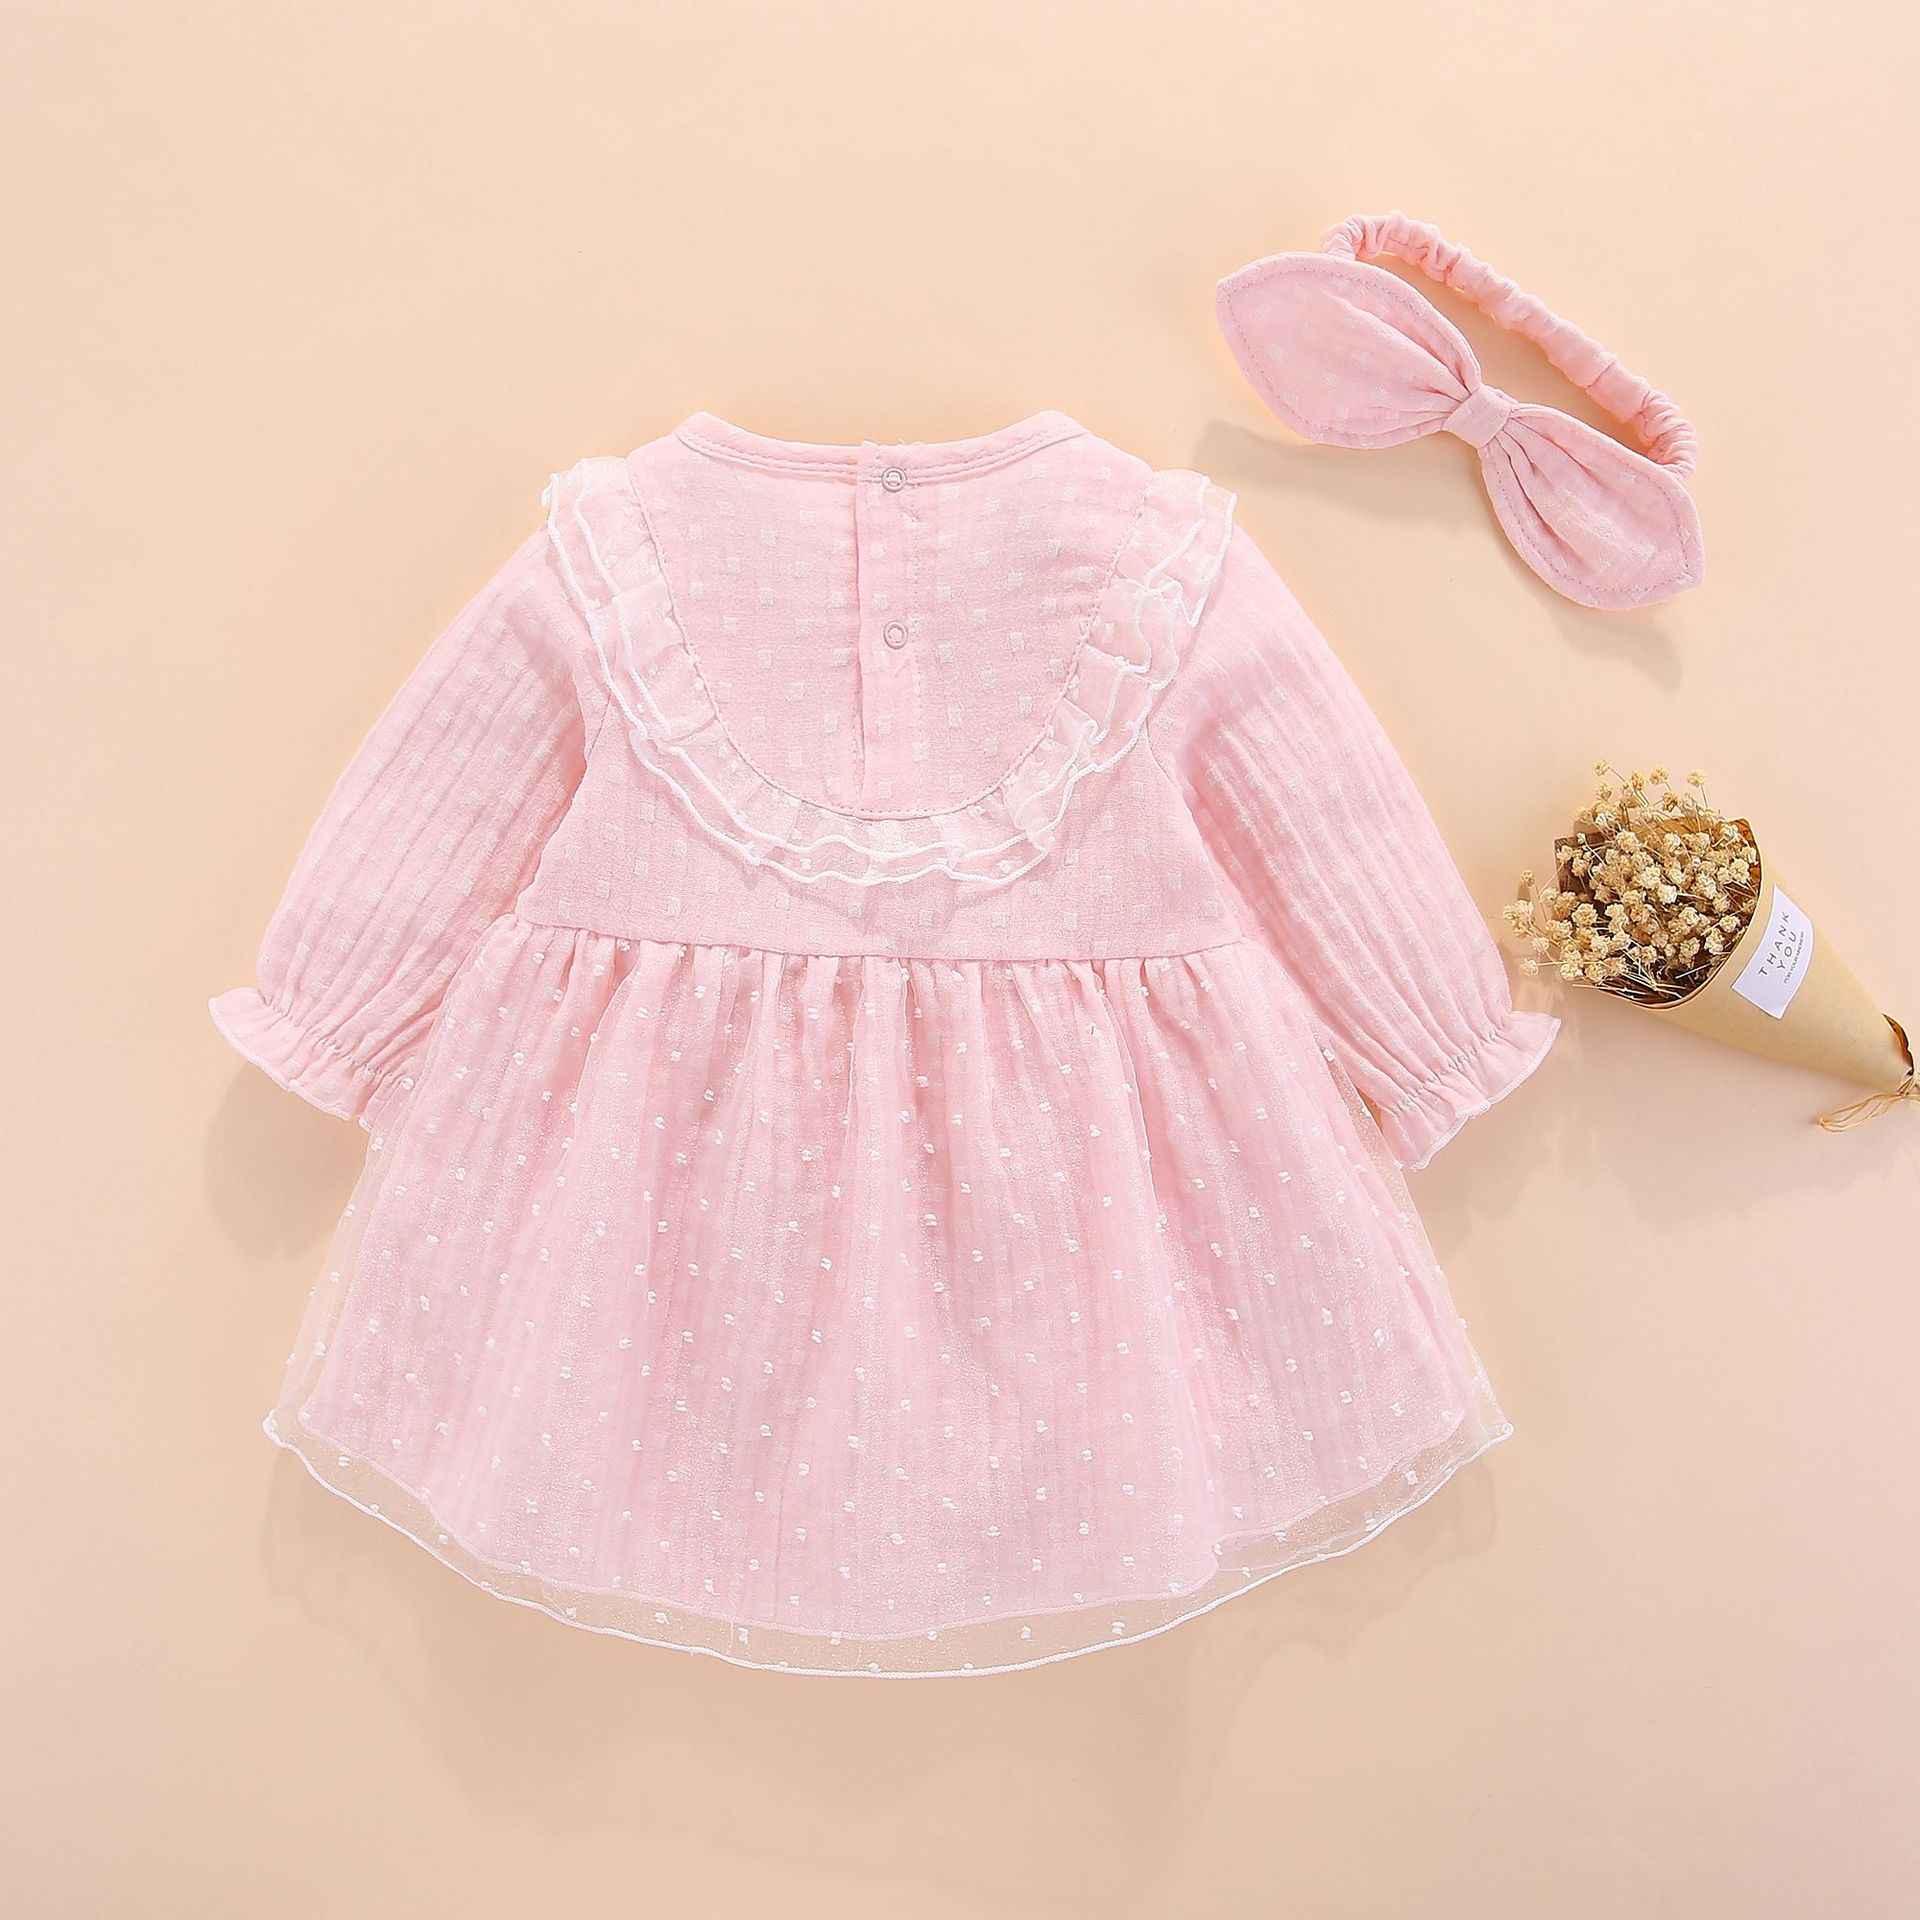 عالم اثار في الاعلى زخرفة newborn dresses 7 7 months